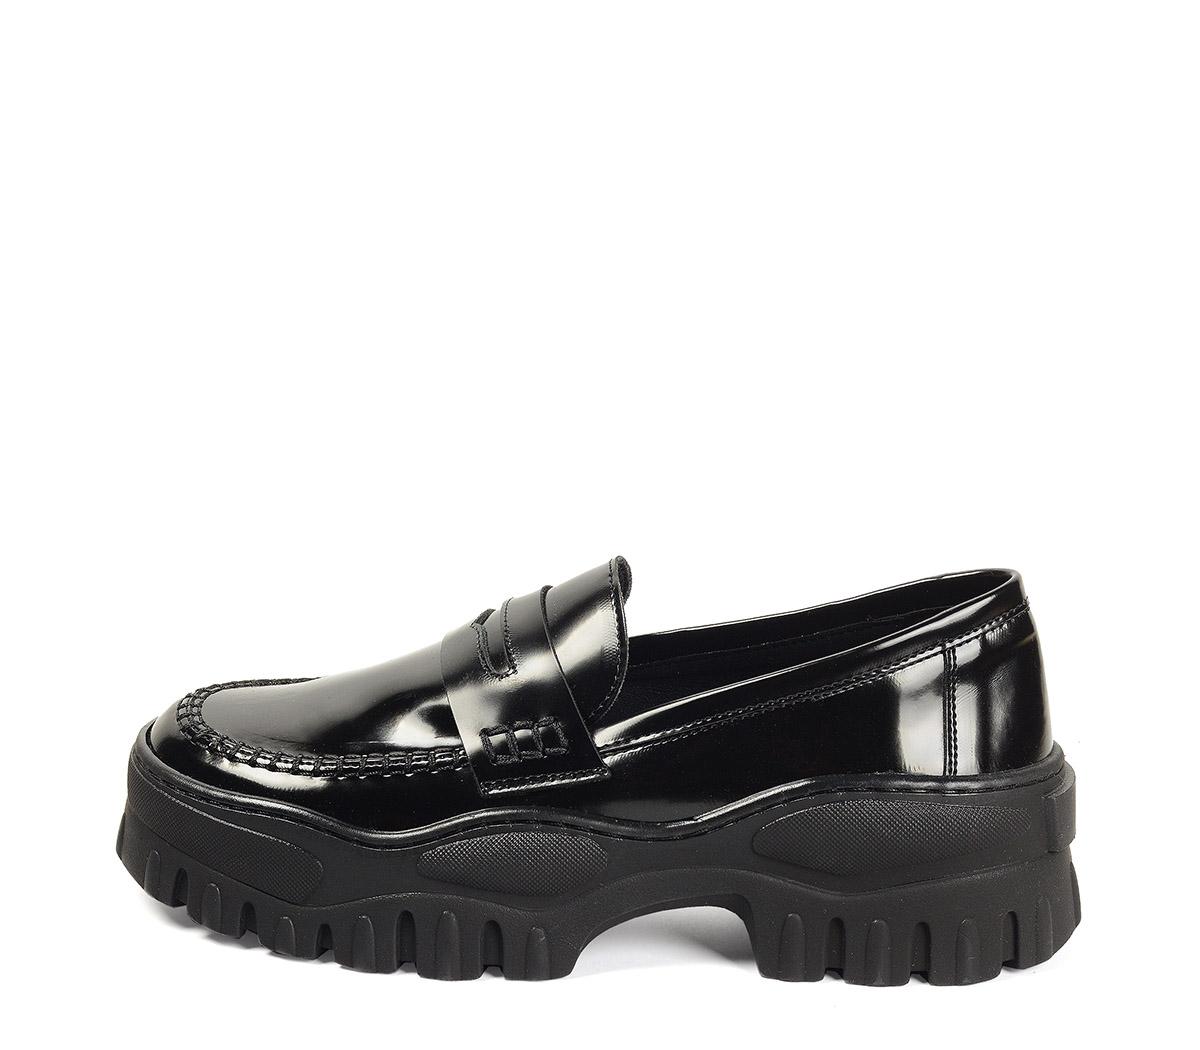 Ref. 4159 Zapato tipo mocasín florenty negro. Suela dentada. Tacón de 5 cm y plataforma delantera de 4 cm.